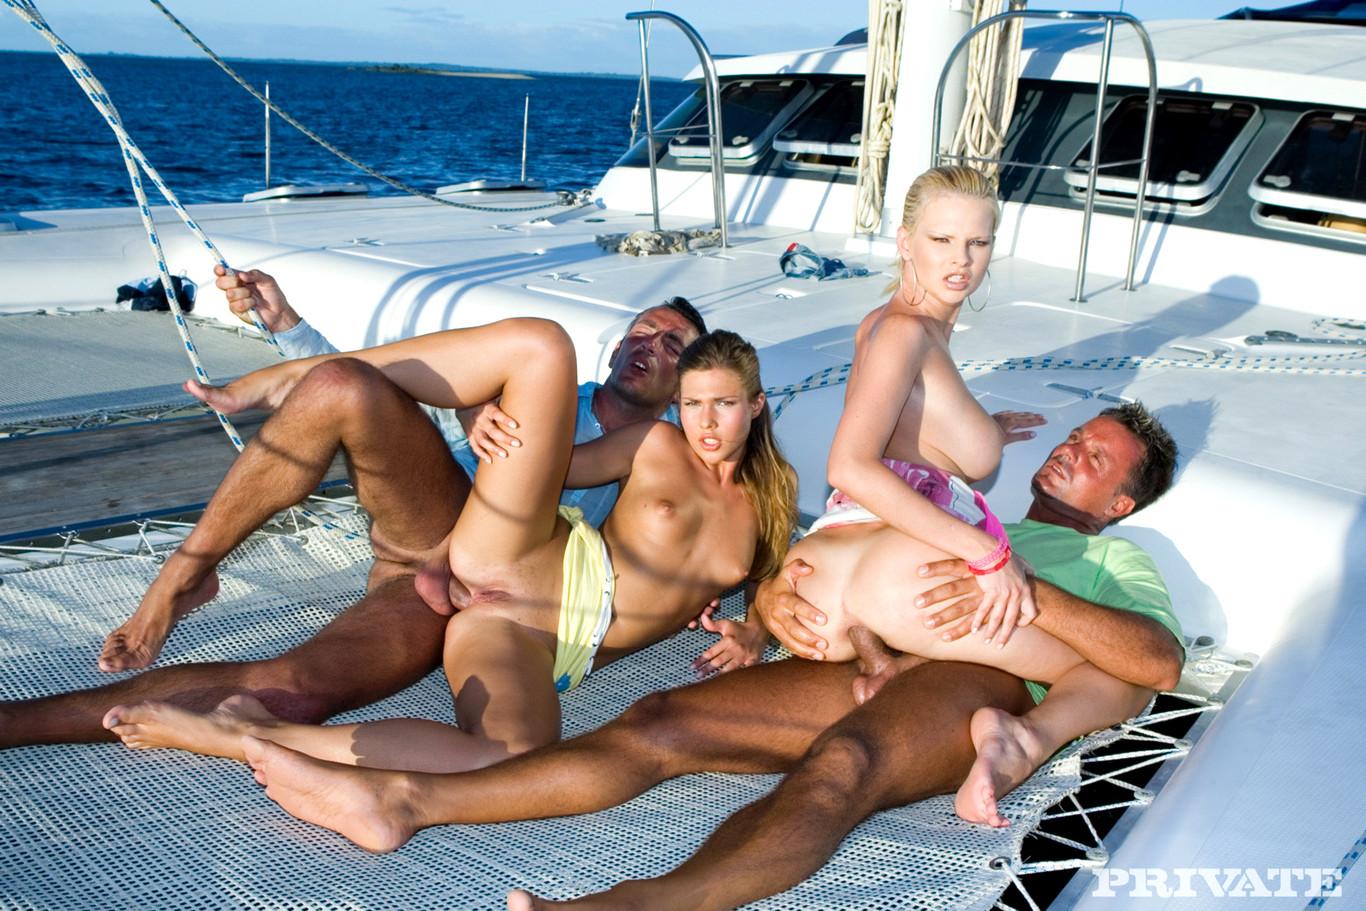 назначеное время видео свингеры на яхте наблюдал